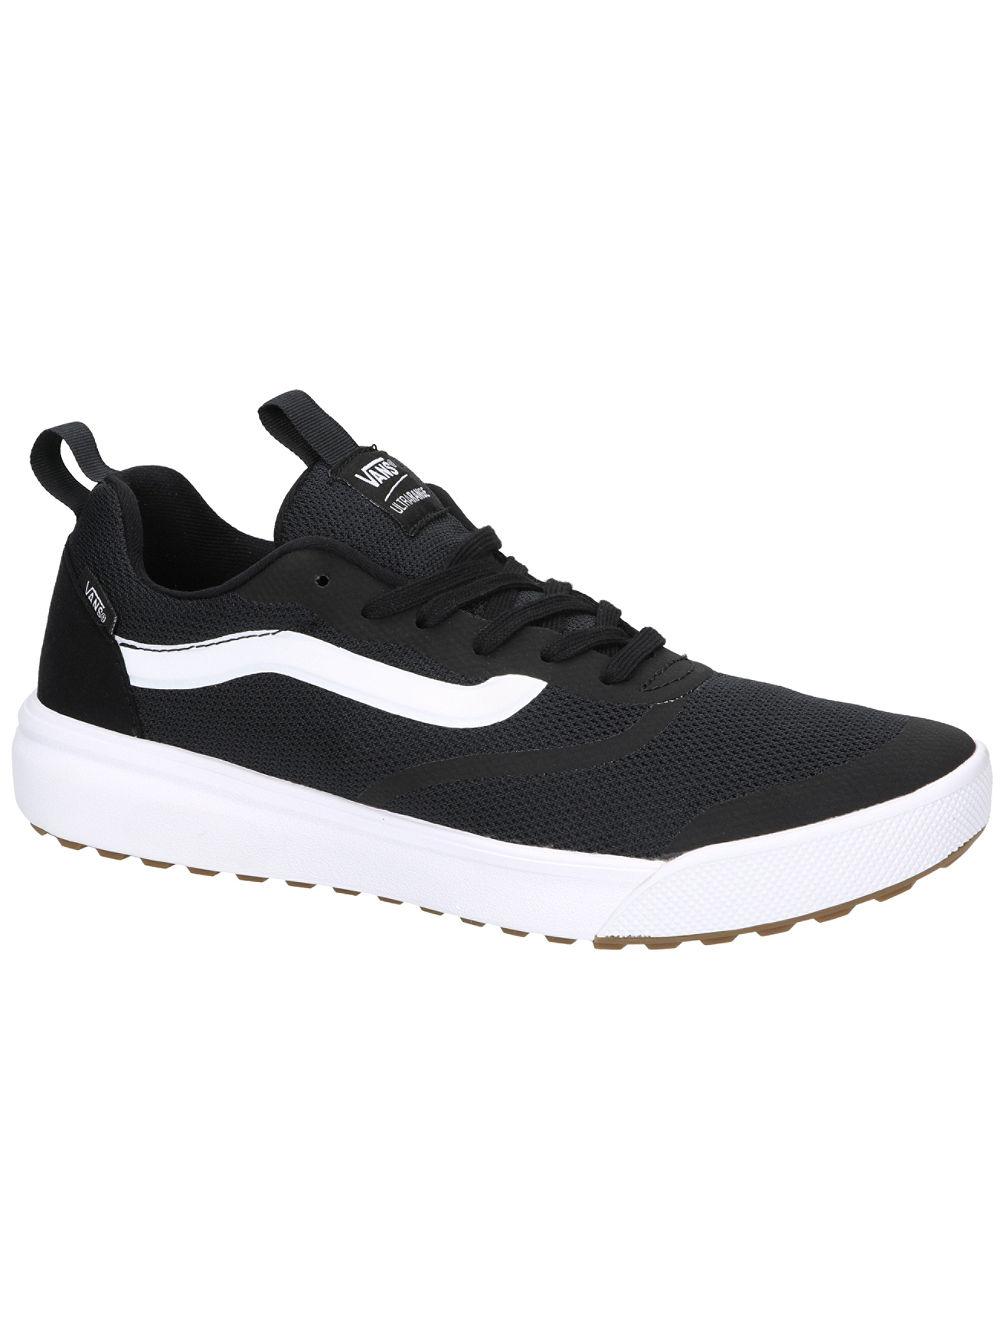 922c6d79f913f Compra Vans Ultrarange Rapidweld Sneakers en línea en Blue Tomato